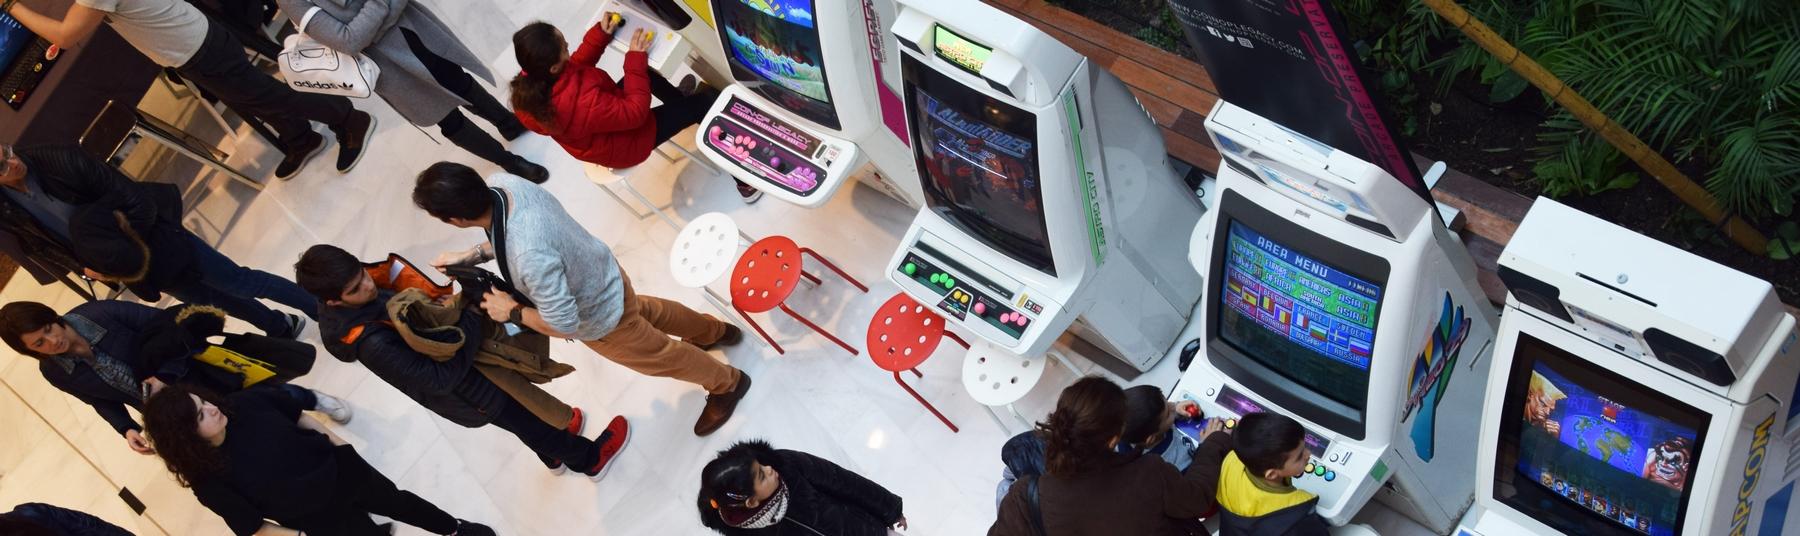 [RETOUR EN IMAGES] BORN TO PLAY, week-end jeux vidéo à Carré Sénart